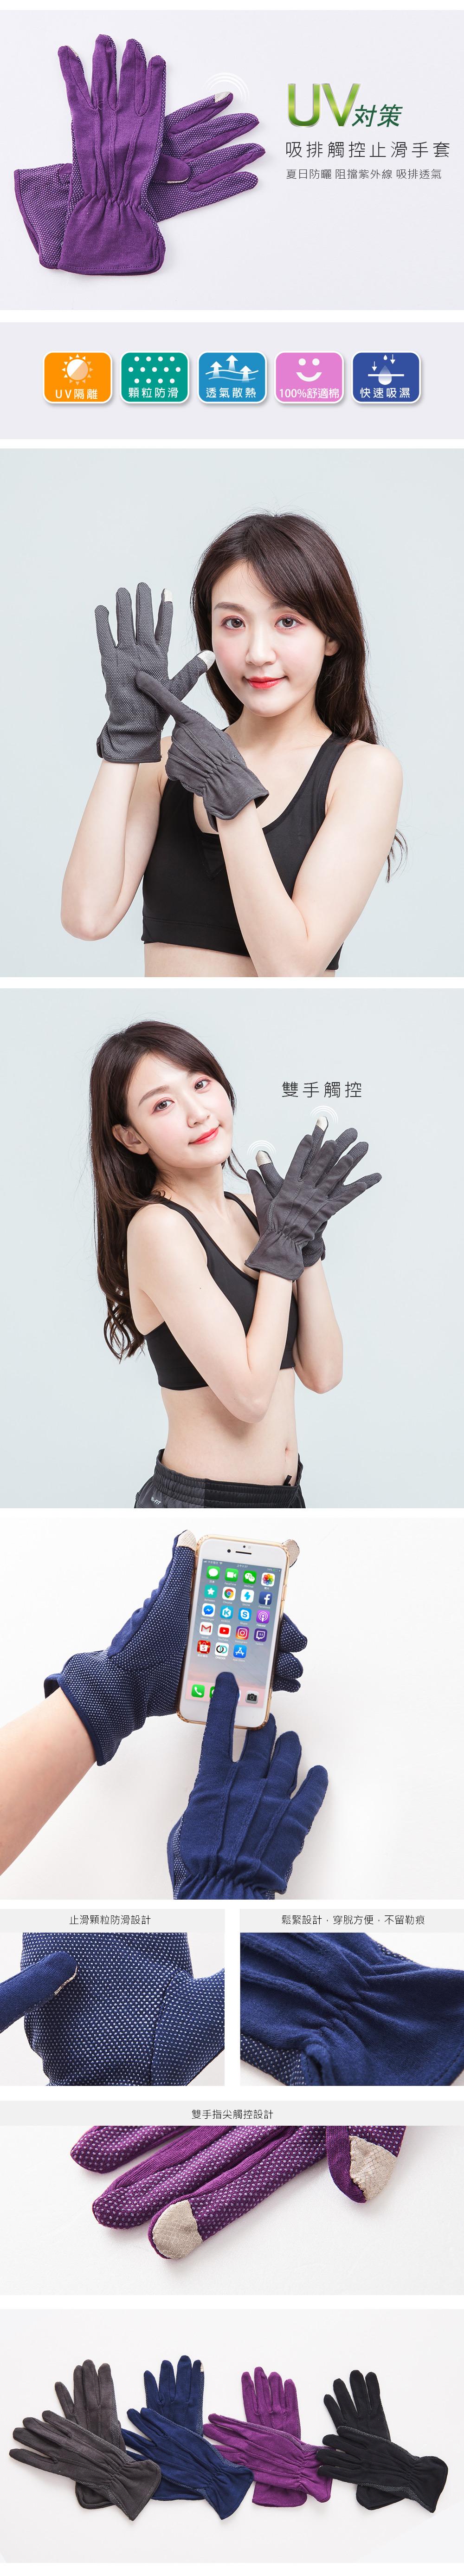 吸排觸控止滑手套-02